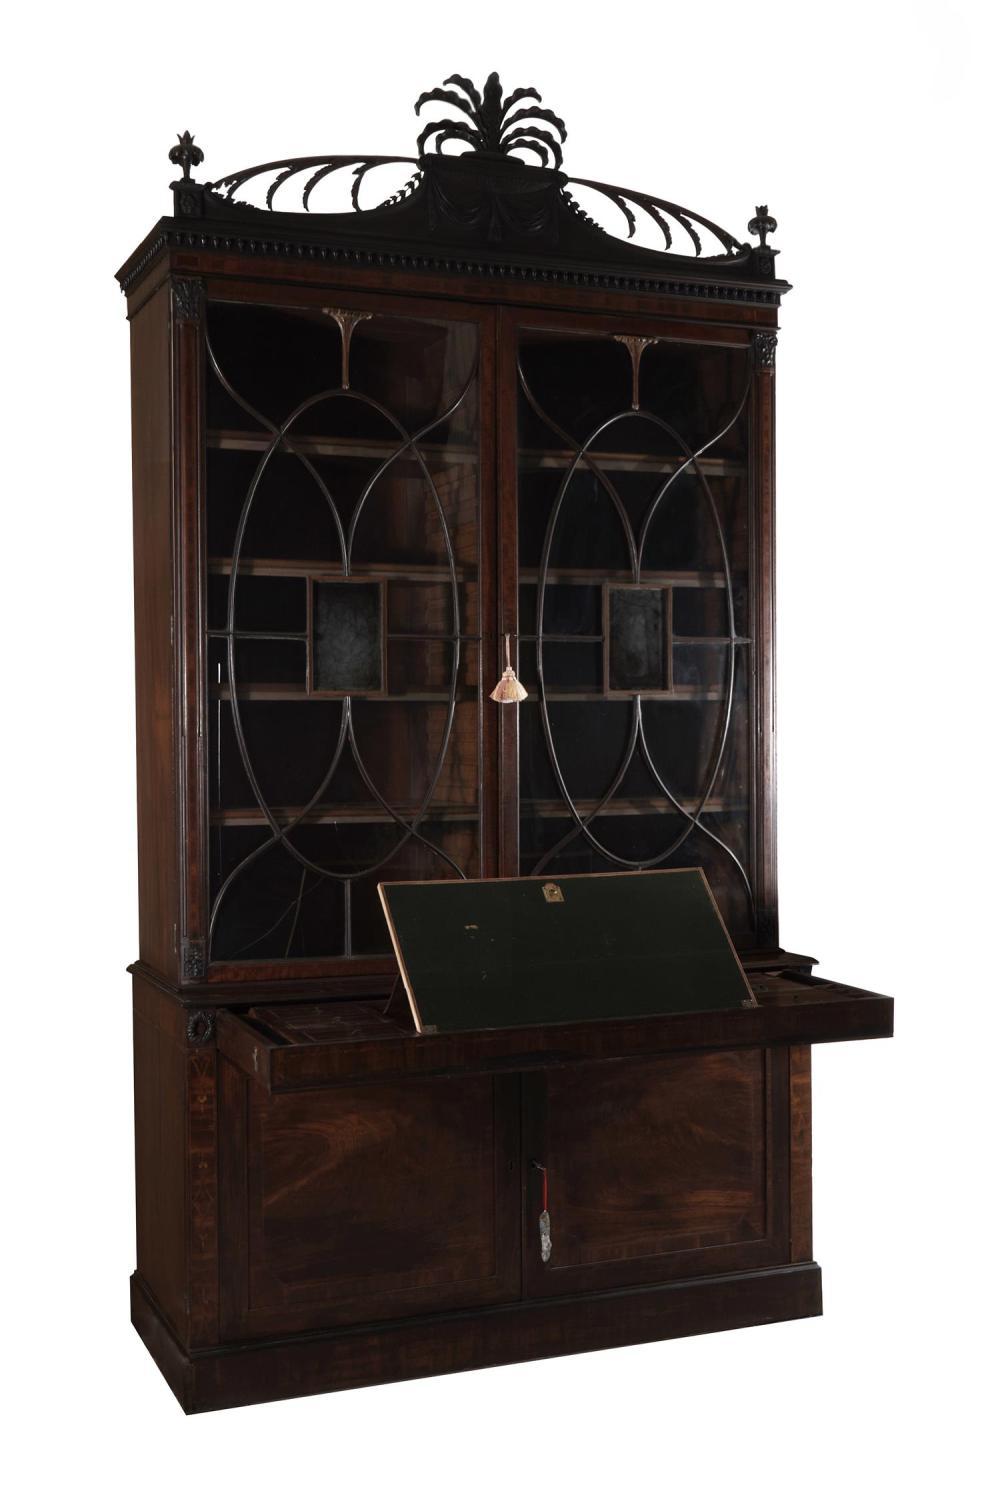 Important Sheraton carved and inlaid mahogany secretary bookcase